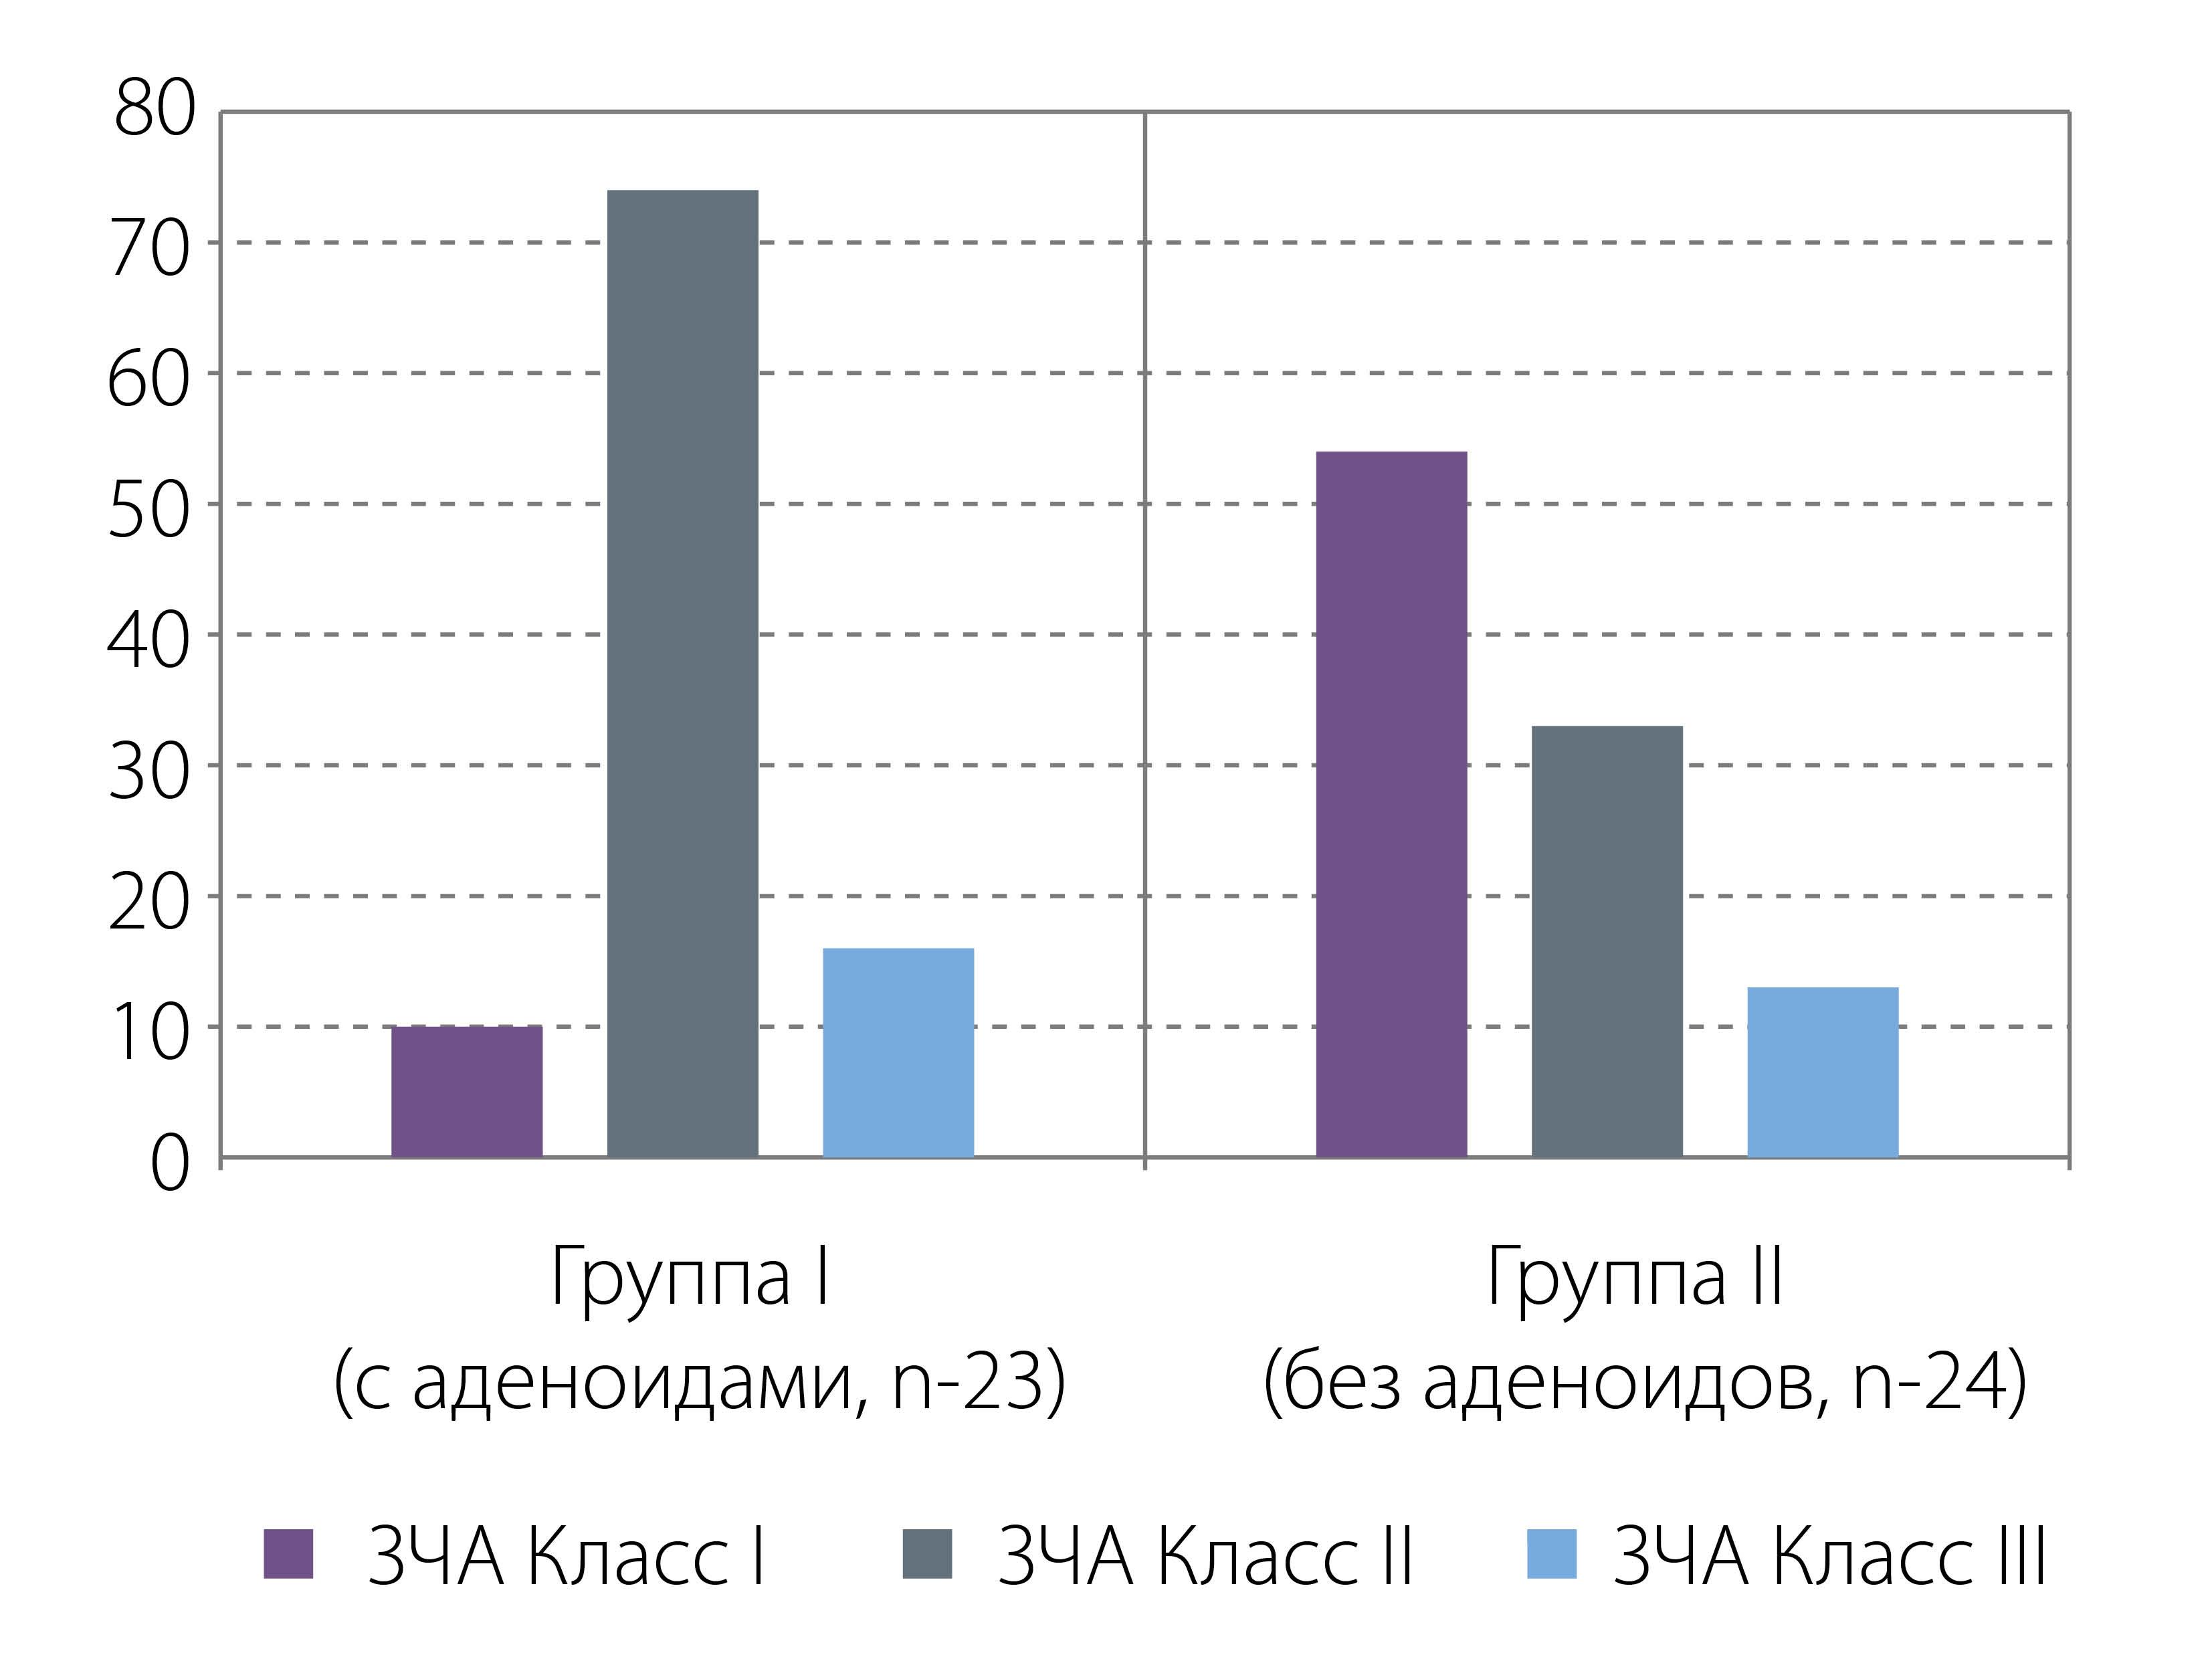 Рис. 4. Распределение пациентов в группах исследования в зависимости от класса зубочелюстной аномалии (по классификации Э. Энгля).